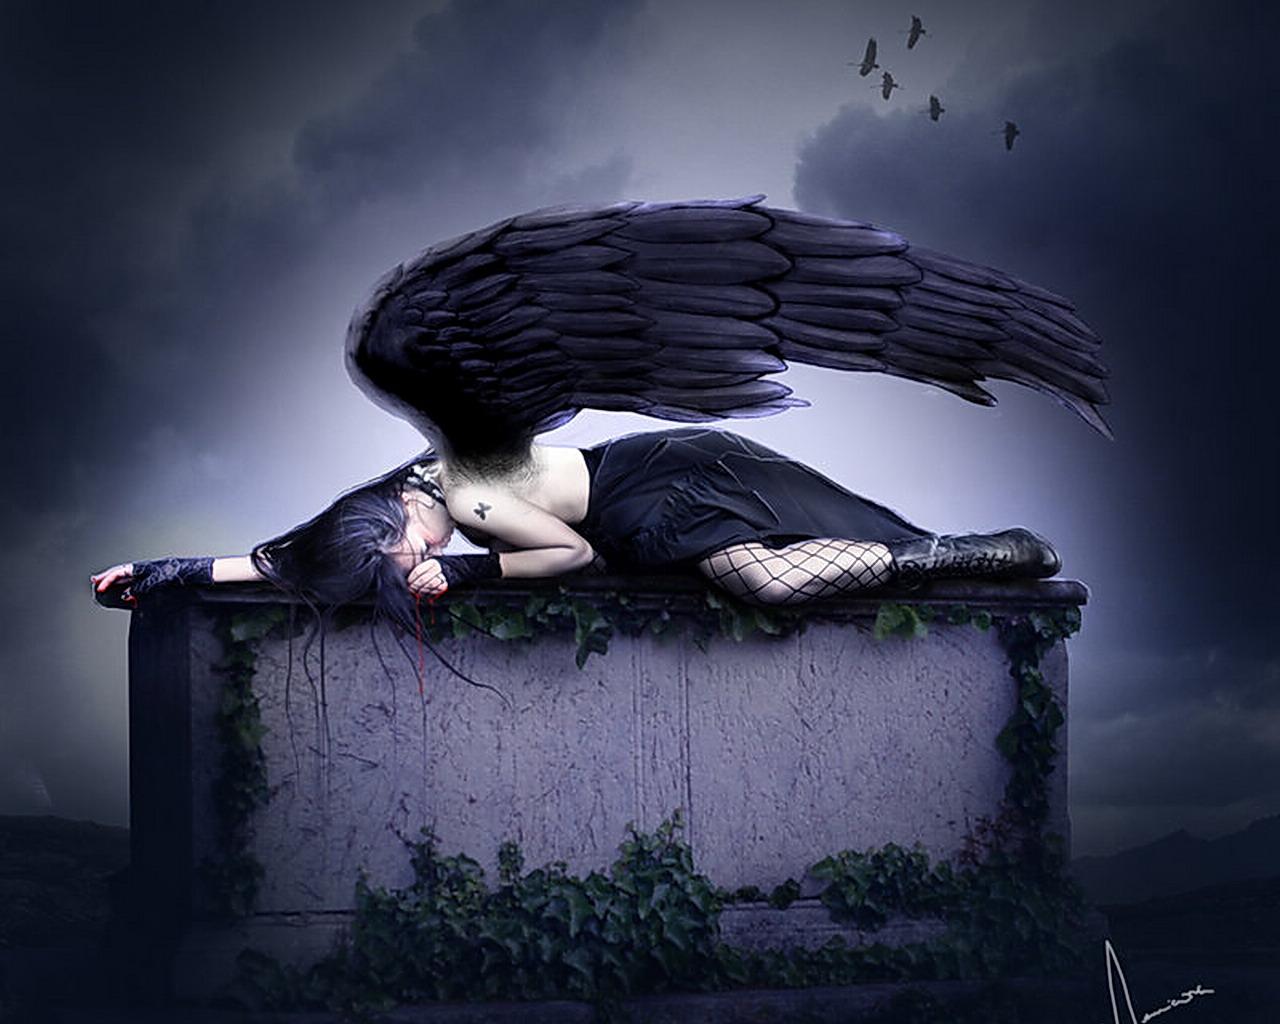 Толкование сна ангел смерти в соннике: мифологический сонник.